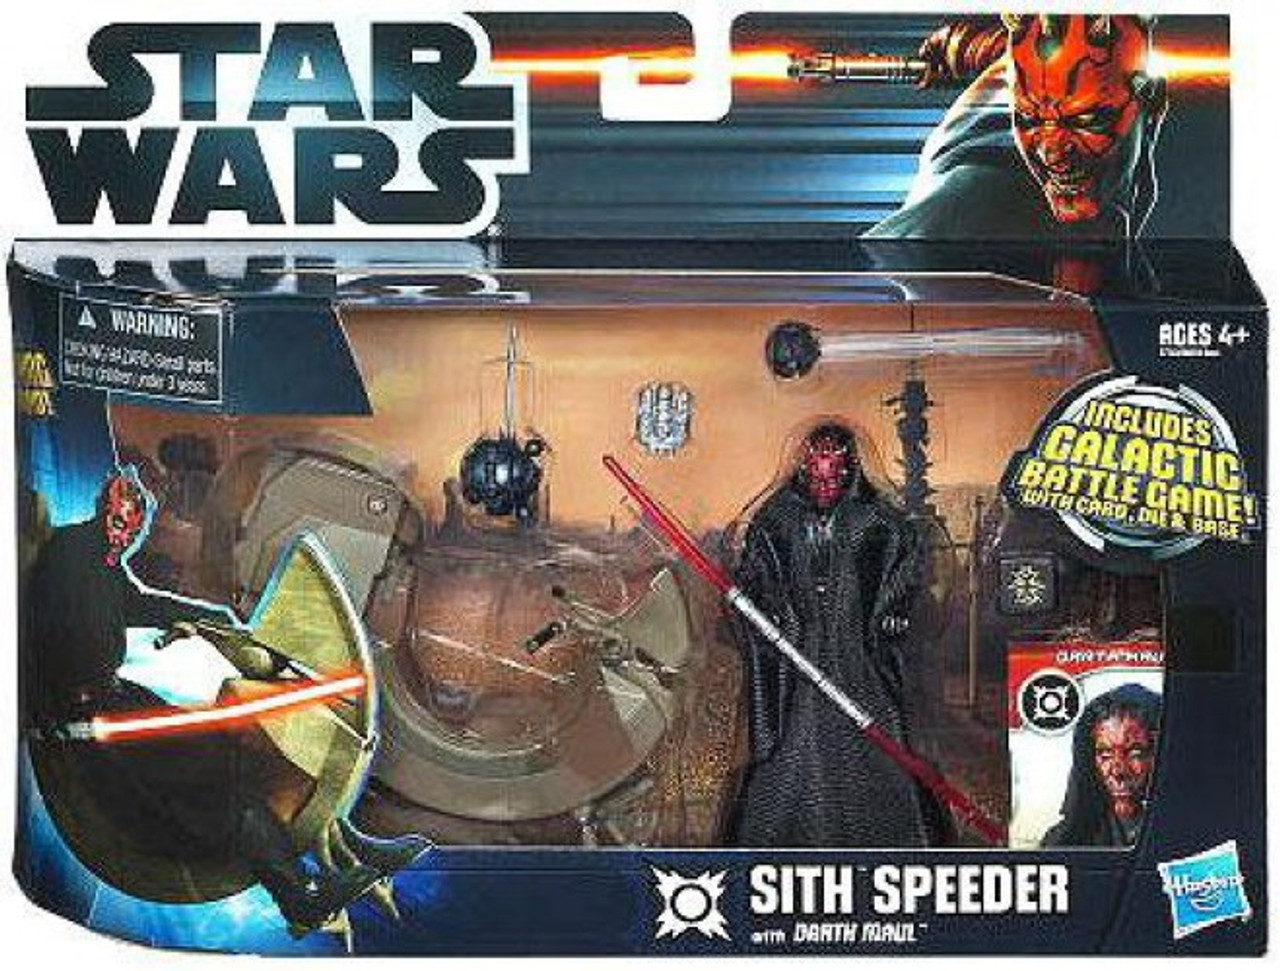 Darth Maul/'s Sith Speeder Titanium Series Die-Cast Star Wars 2006 Micro Machines